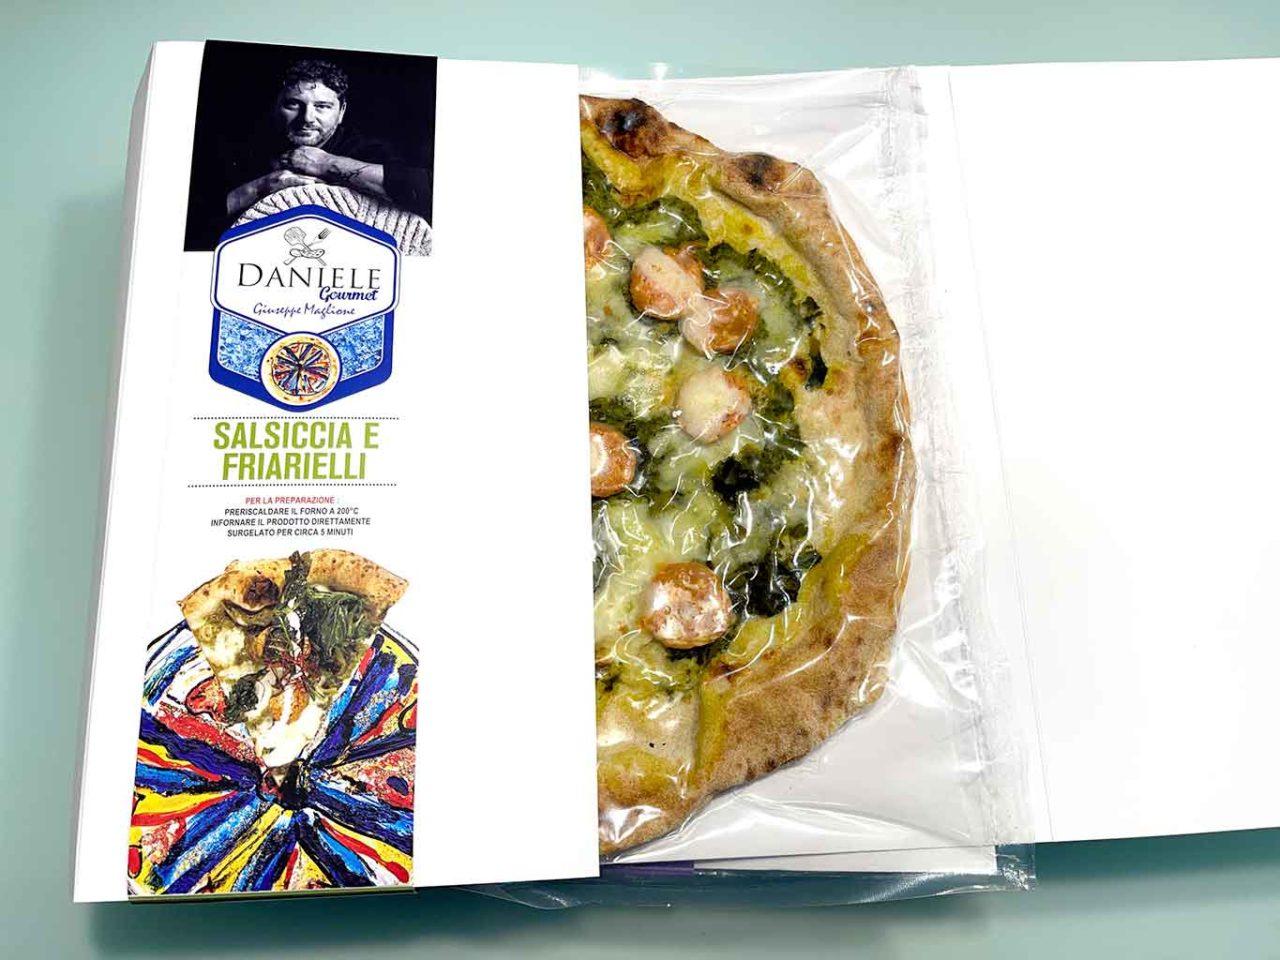 pizza salsiccia e friarielli di Giuseppe Maglione da finire a casa